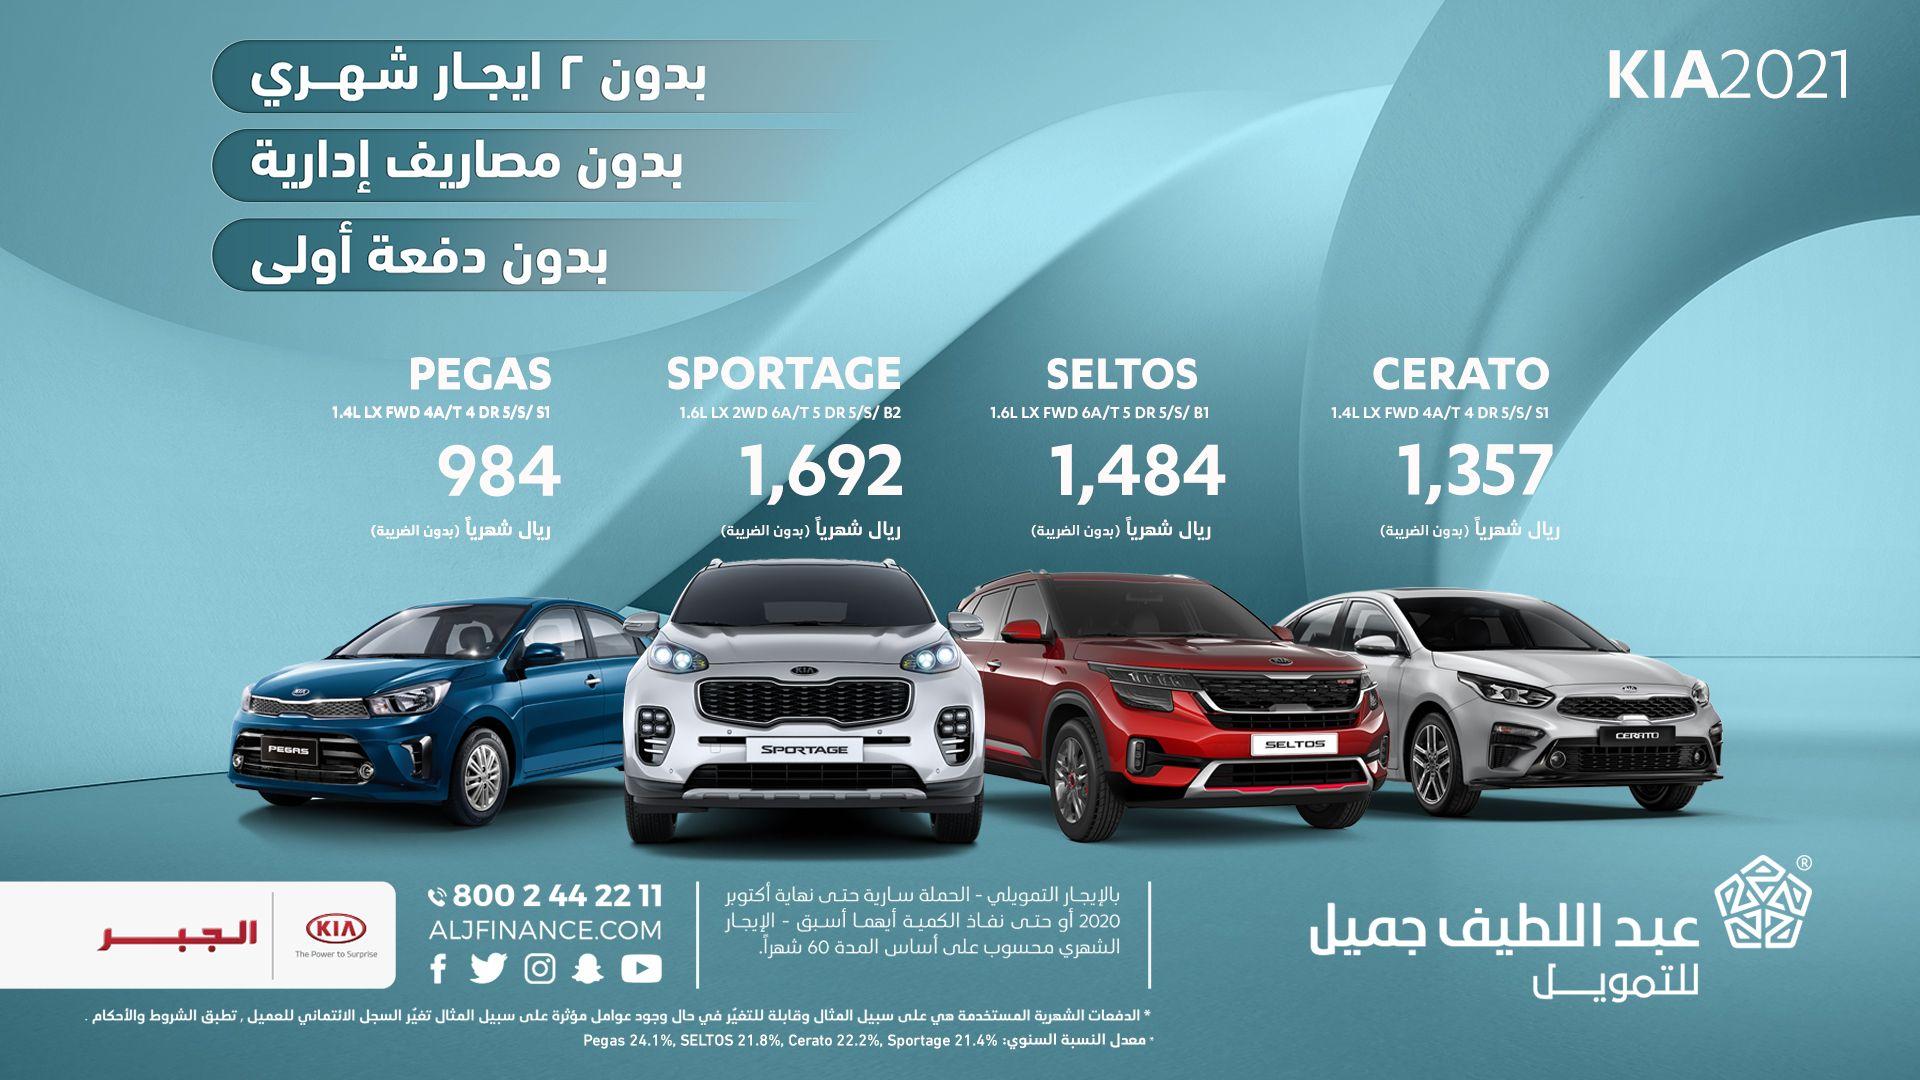 عروض السيارات عروض عبداللطيف جميل علي سيارات كيا لشهر اكتوبر 2020 عروض اليوم Saudi Arabia Toy Car